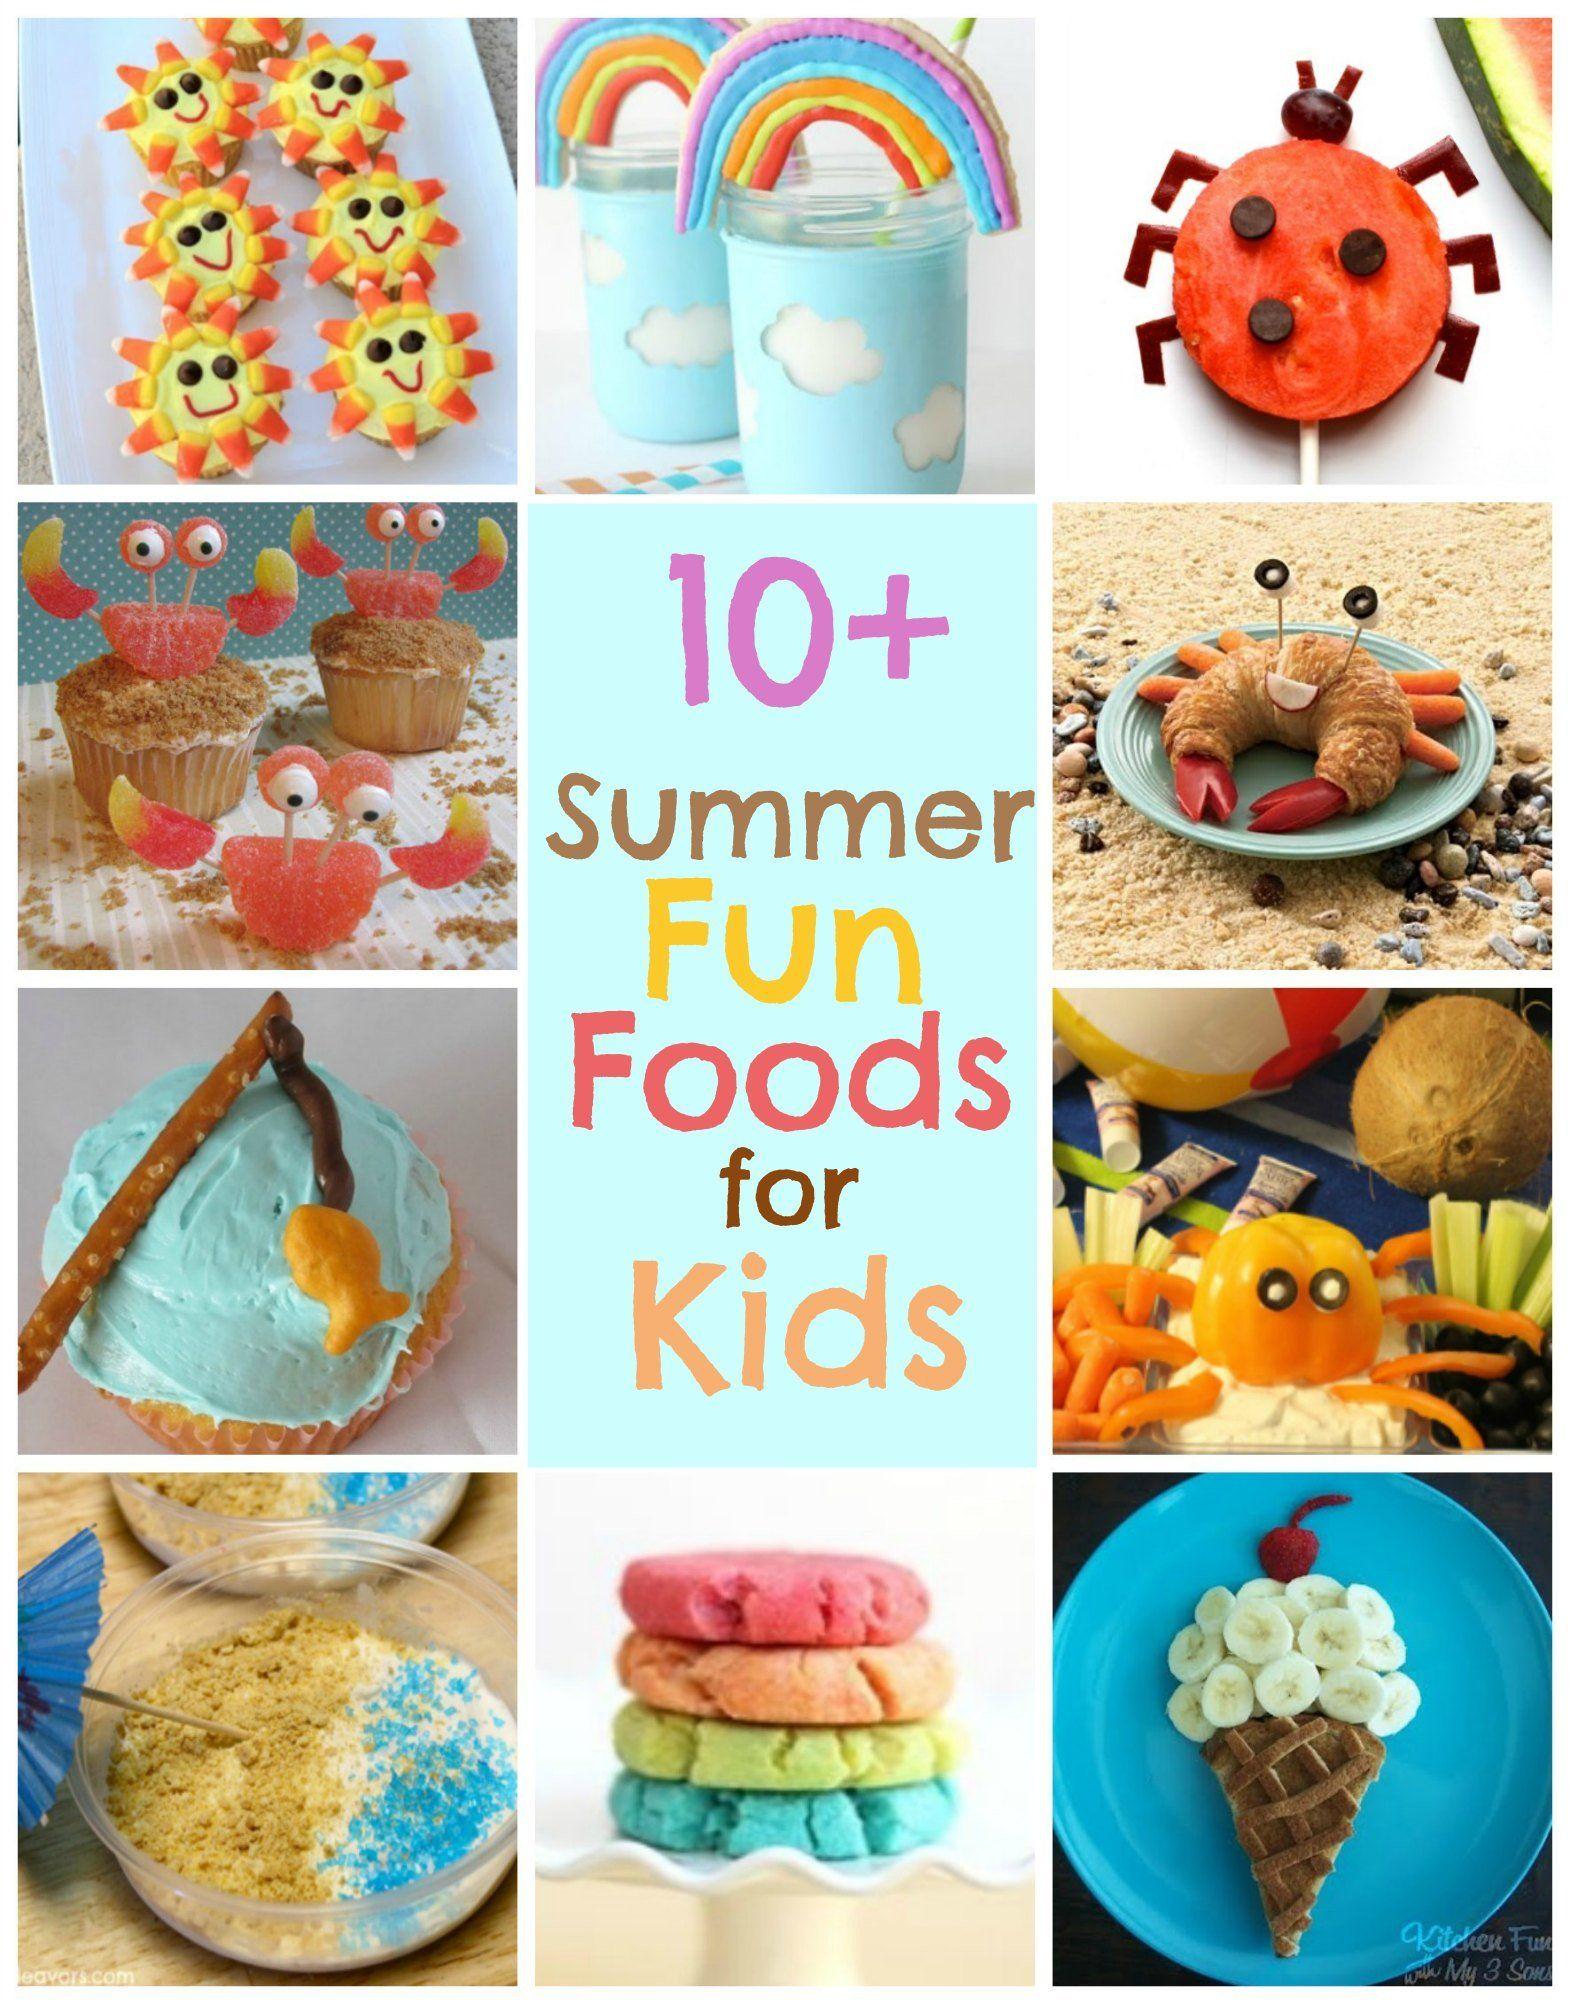 Fun summer foods for kids right start blog kid blogger network fun summer foods for kids right start blog forumfinder Images